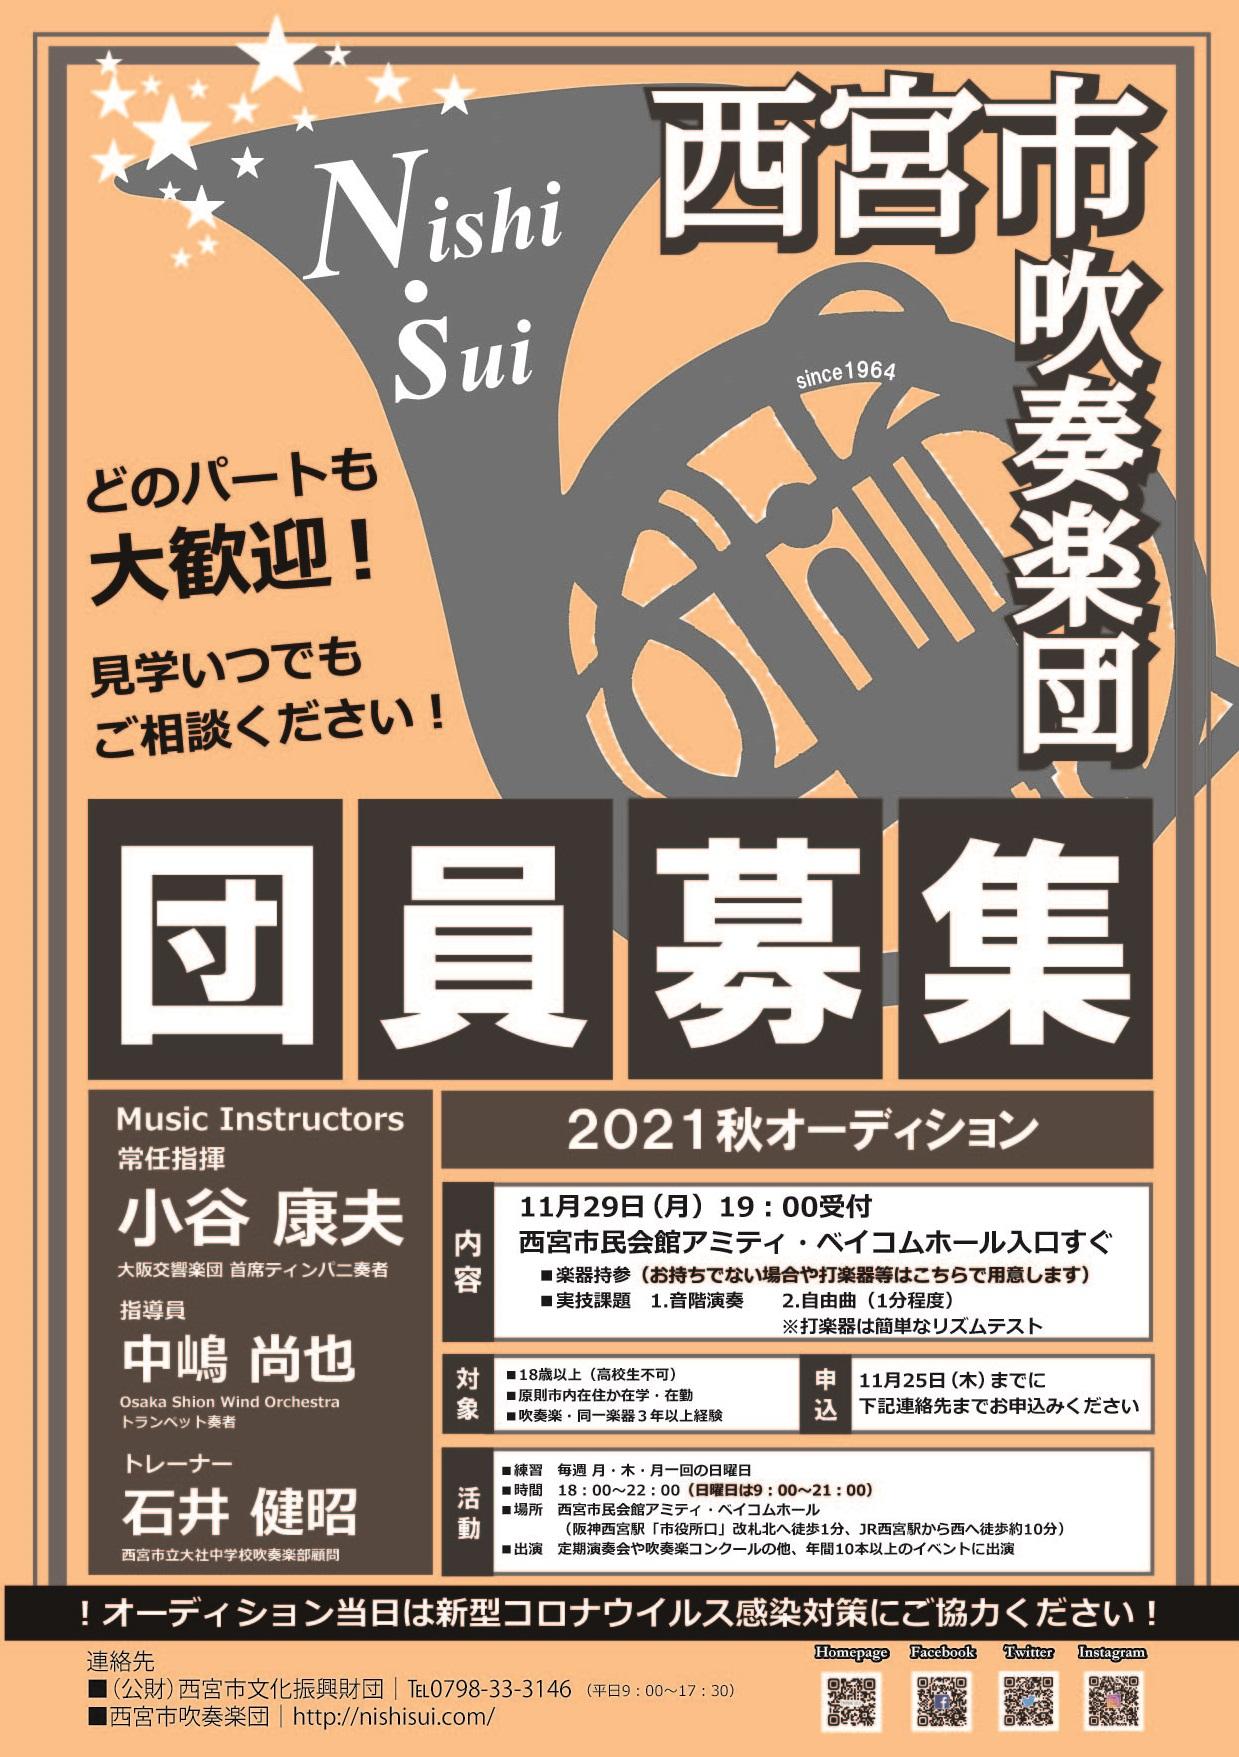 西宮市吹奏楽団「2021秋オーディション」